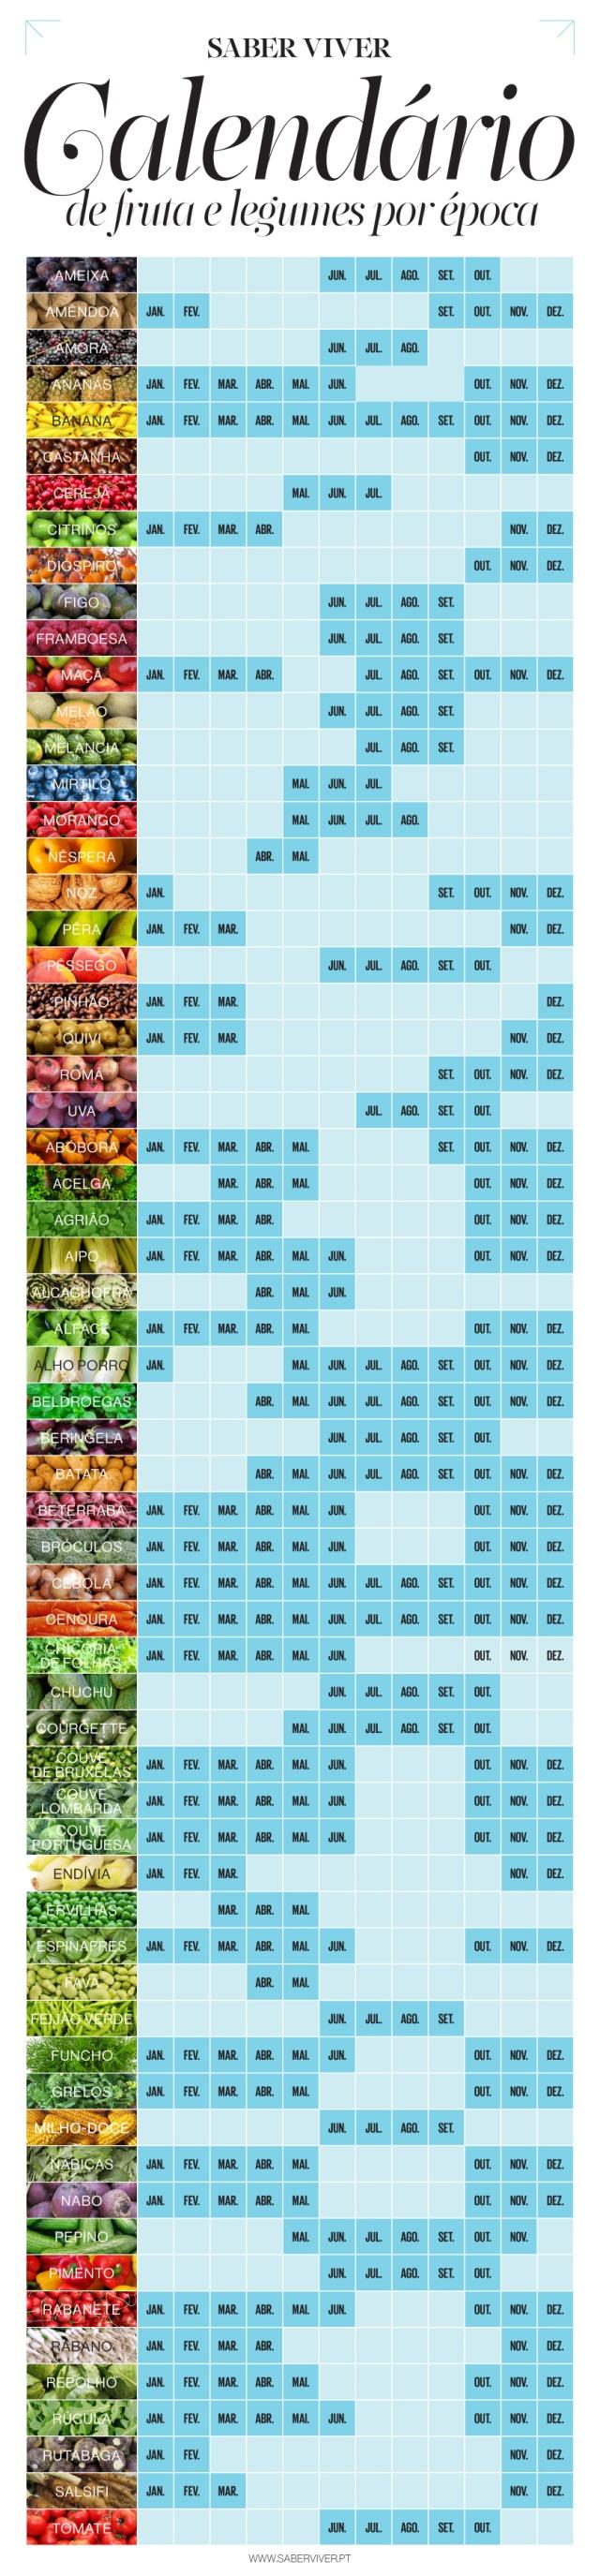 CALENDARIO_frutasevegetais